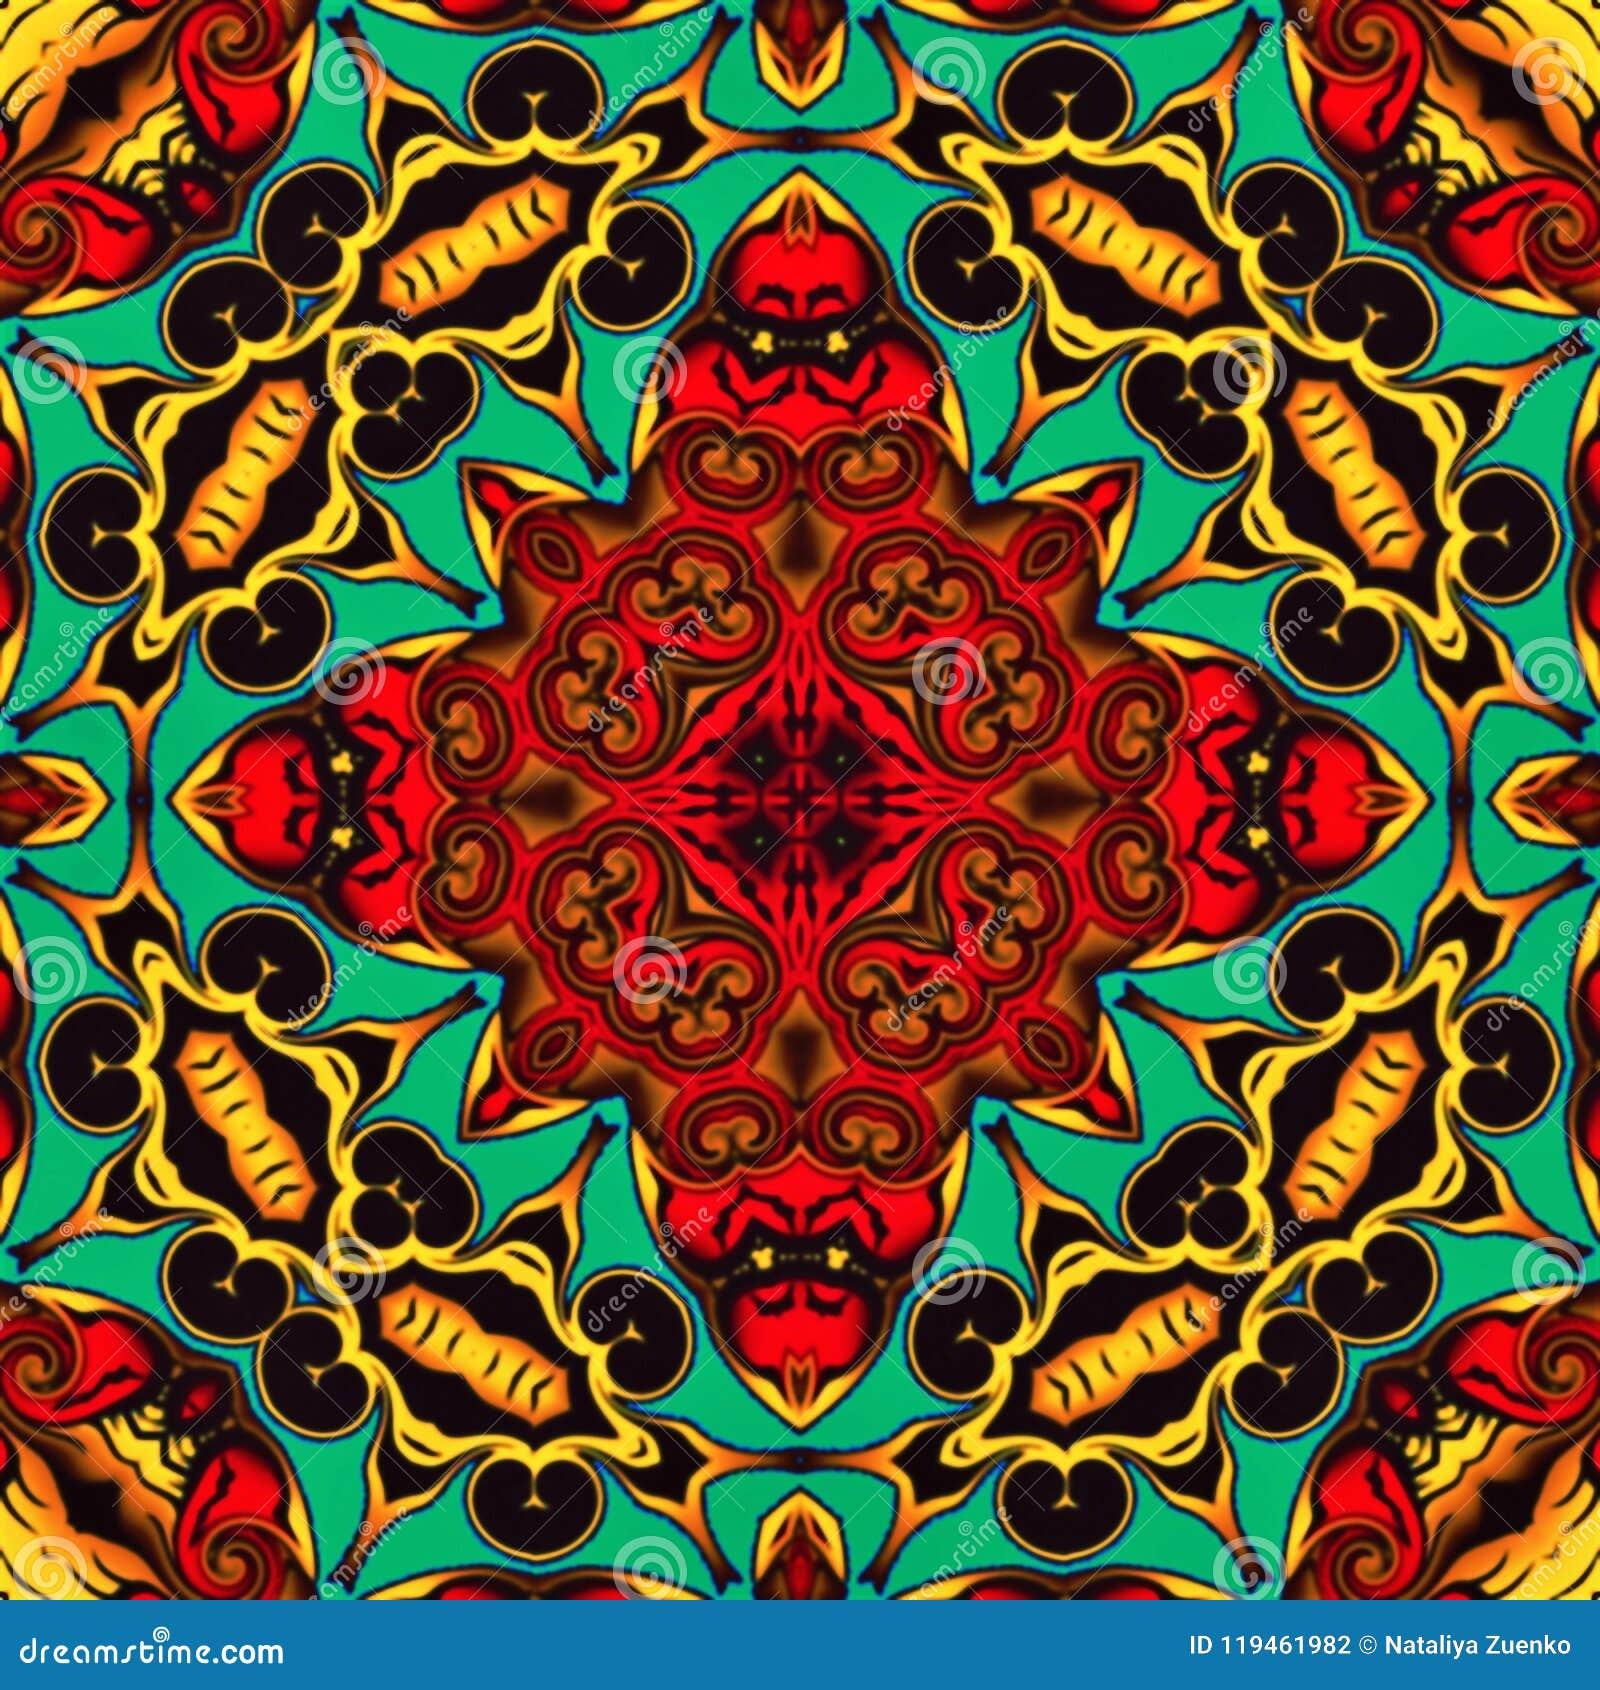 La geometria astratta di arte moderna Mandala orientale mistica progettazione tradizionale del caleidoscopio floreale Backgro sim